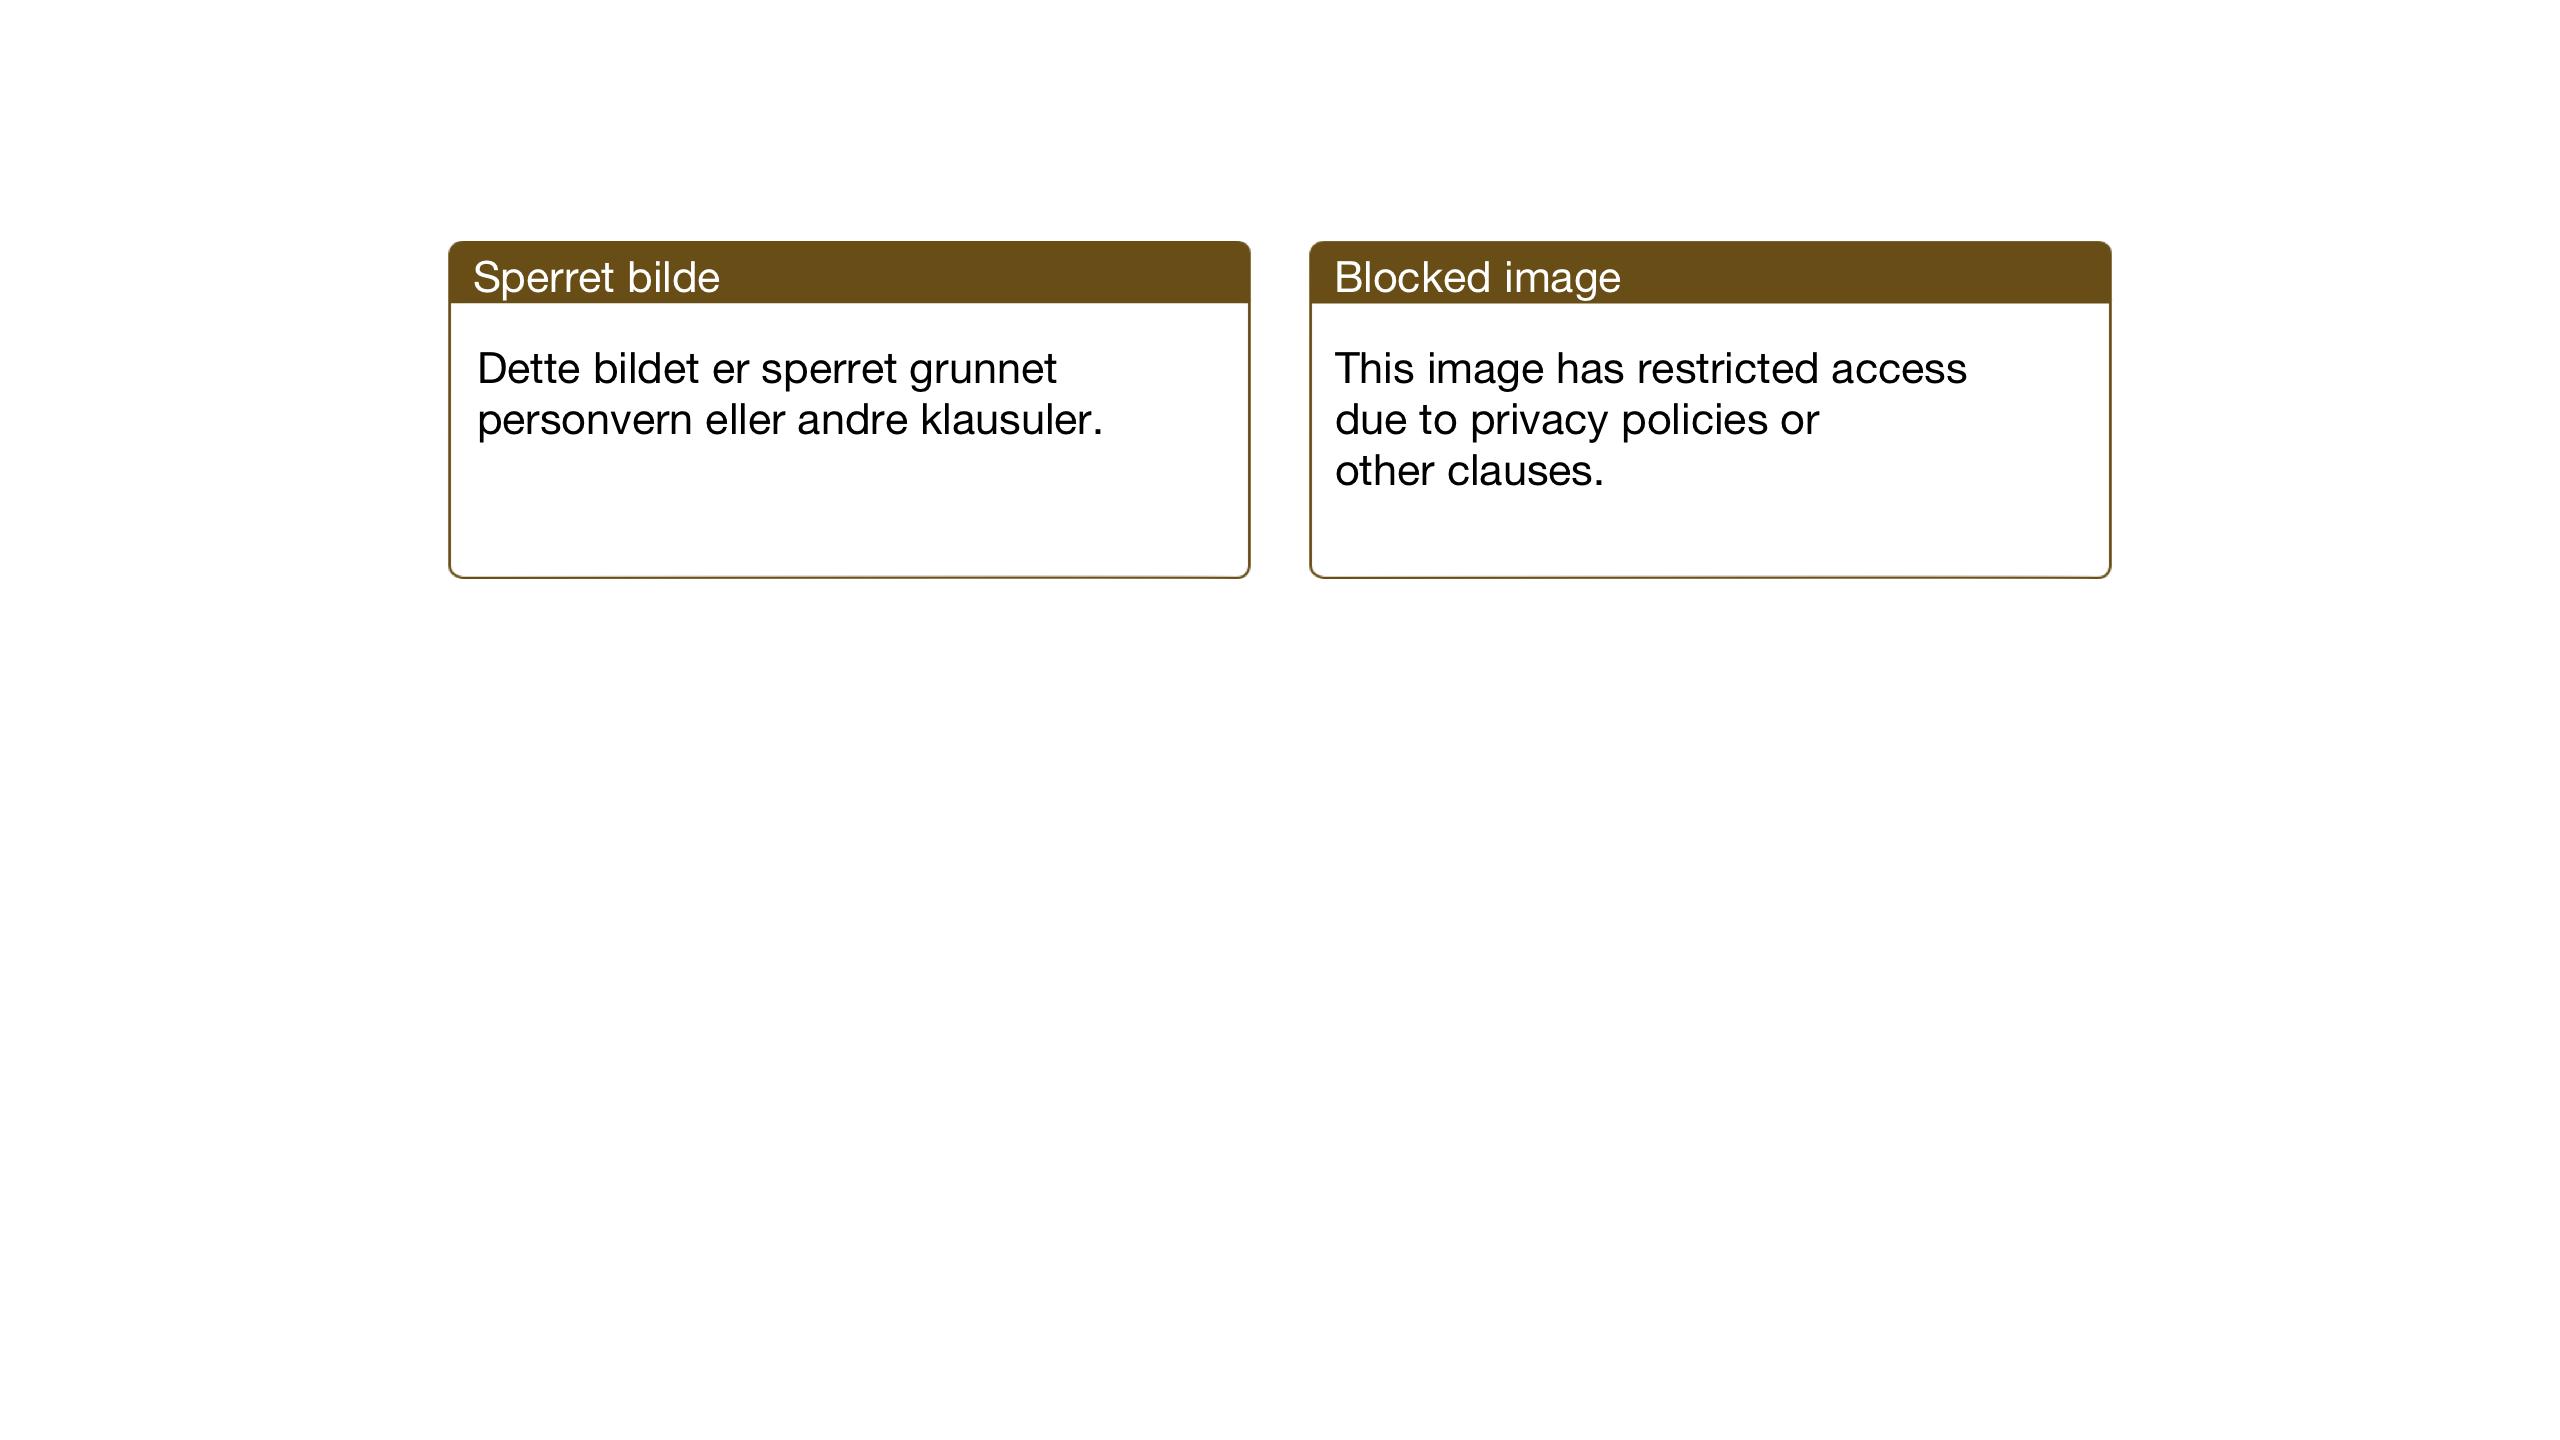 SAT, Ministerialprotokoller, klokkerbøker og fødselsregistre - Sør-Trøndelag, 608/L0342: Klokkerbok nr. 608C08, 1912-1938, s. 32